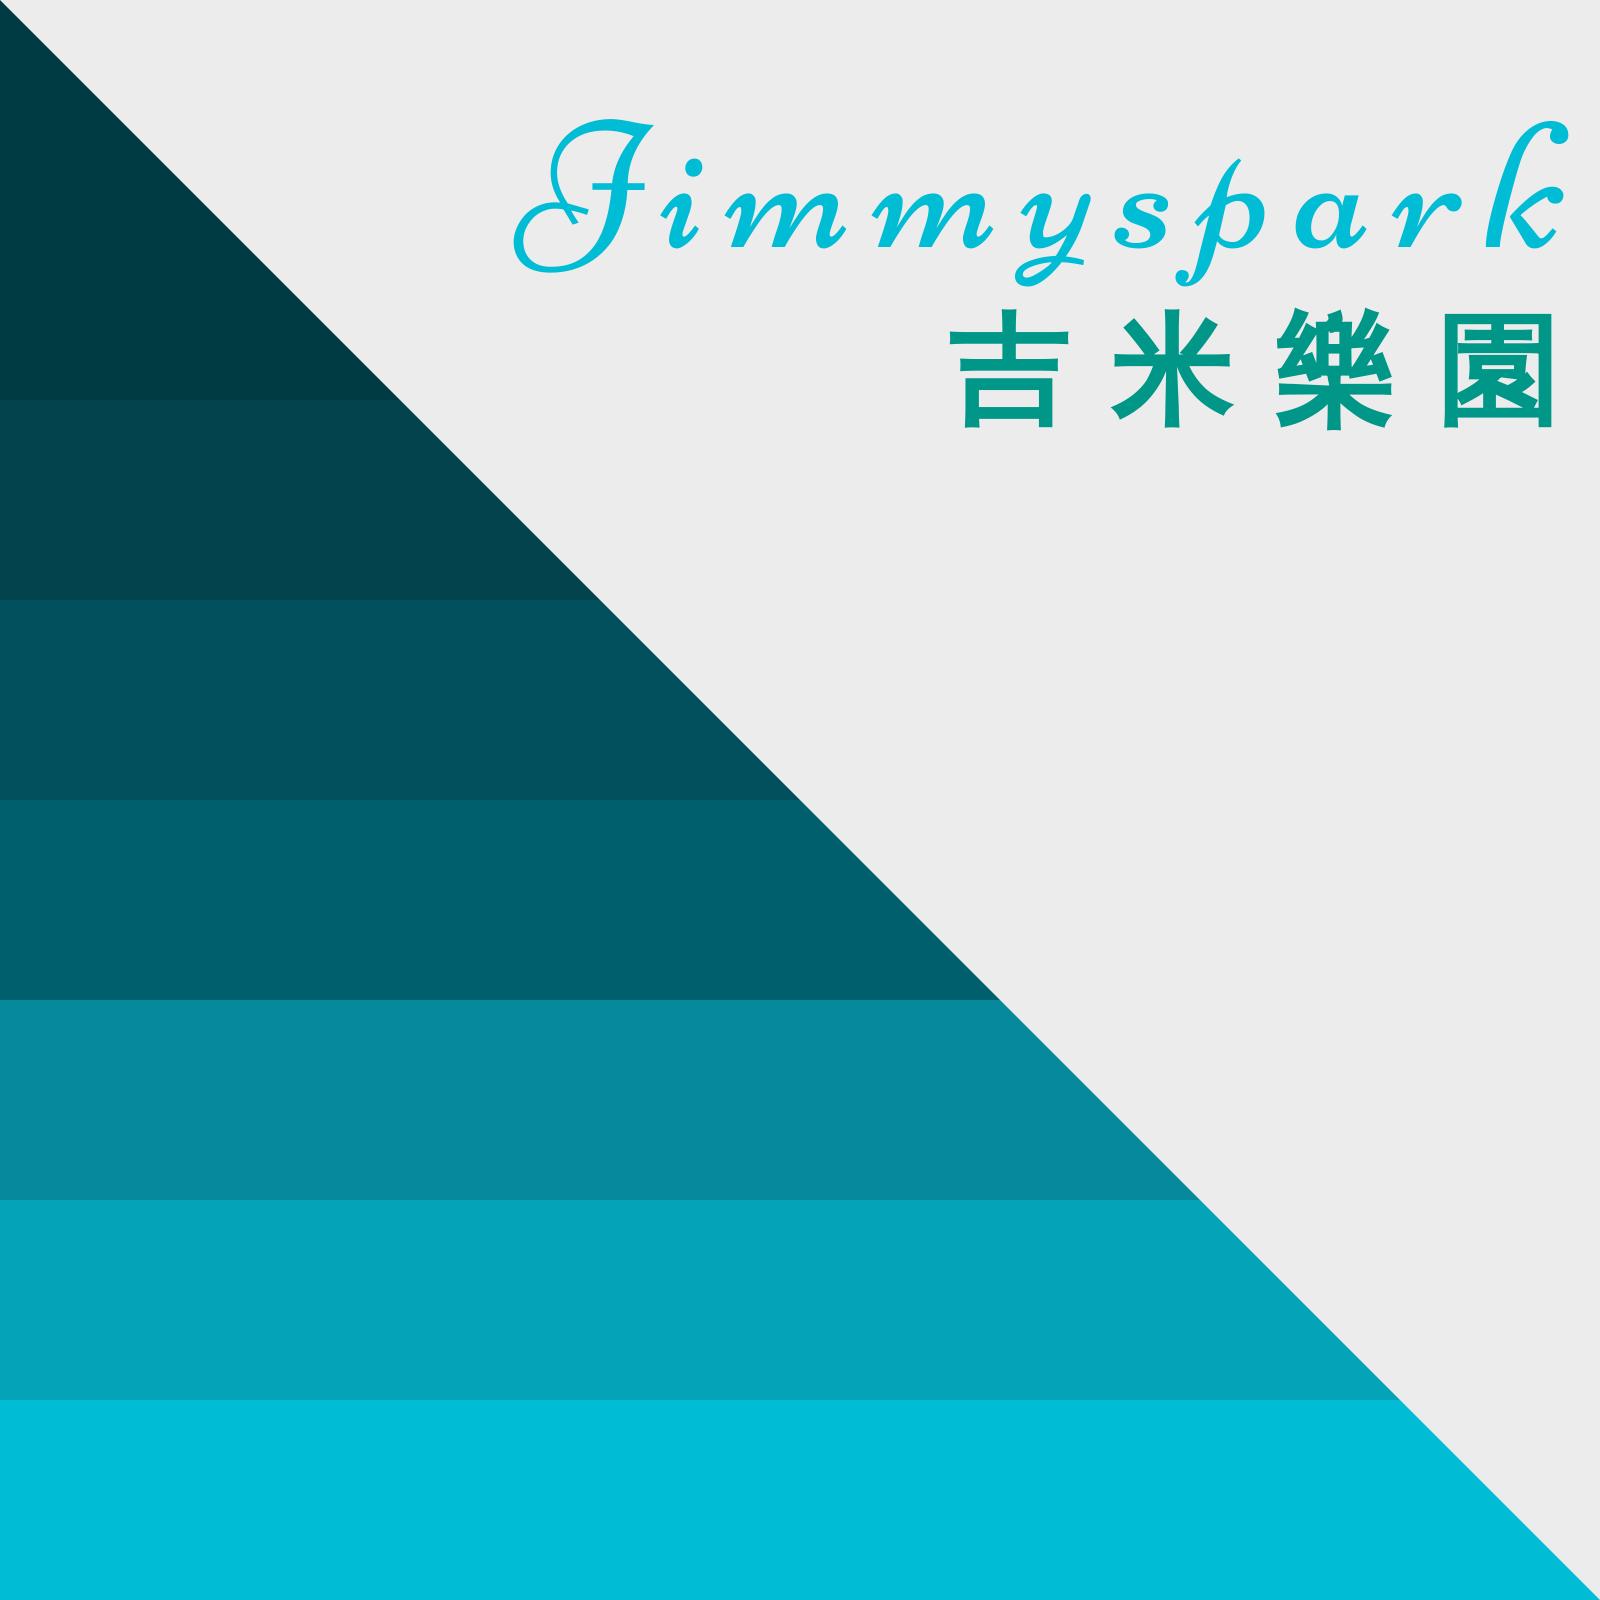 吉米樂園Jimmyspark EP01 20200920 現場喜劇初體驗  美股各類股掃描 銅礦分析 海外帳戶與複委託